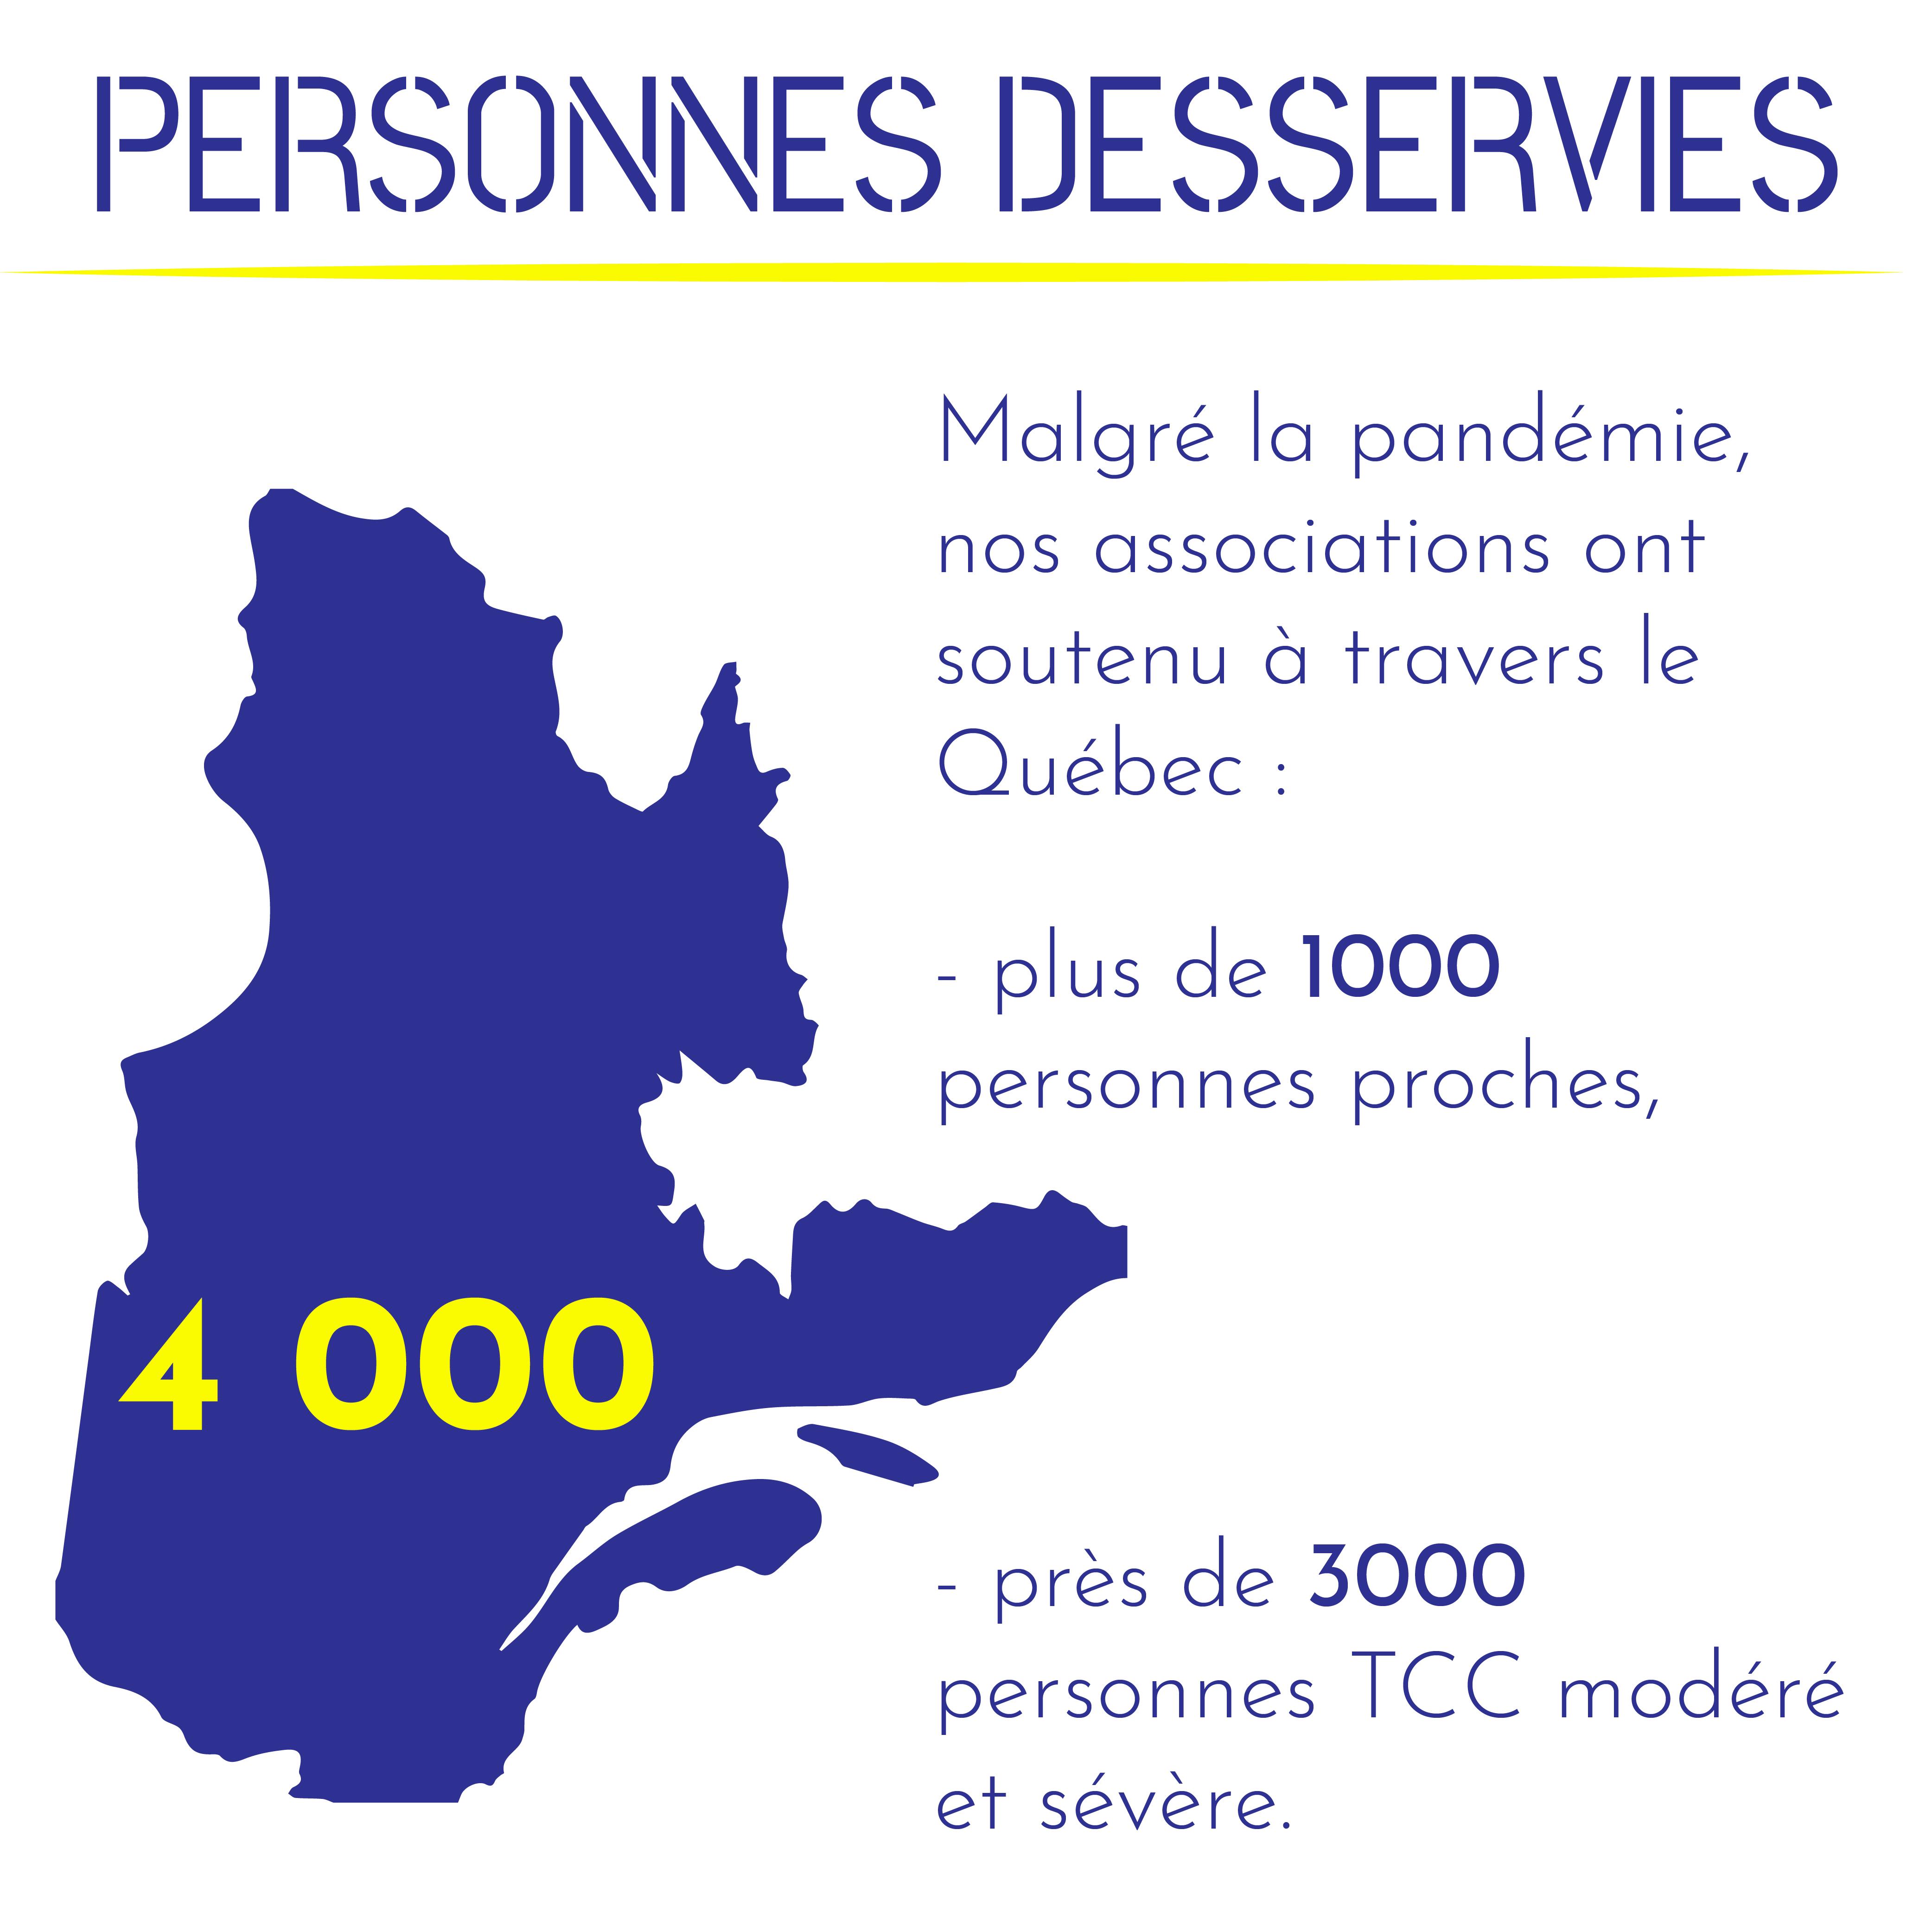 Malgré la pandémie, nos associations ont soutenu à travers le Québec : plus de 1000 personnes proches, près de 3000 personnes TCC modéré et sévère. Ce qui donne 4000 personnes.